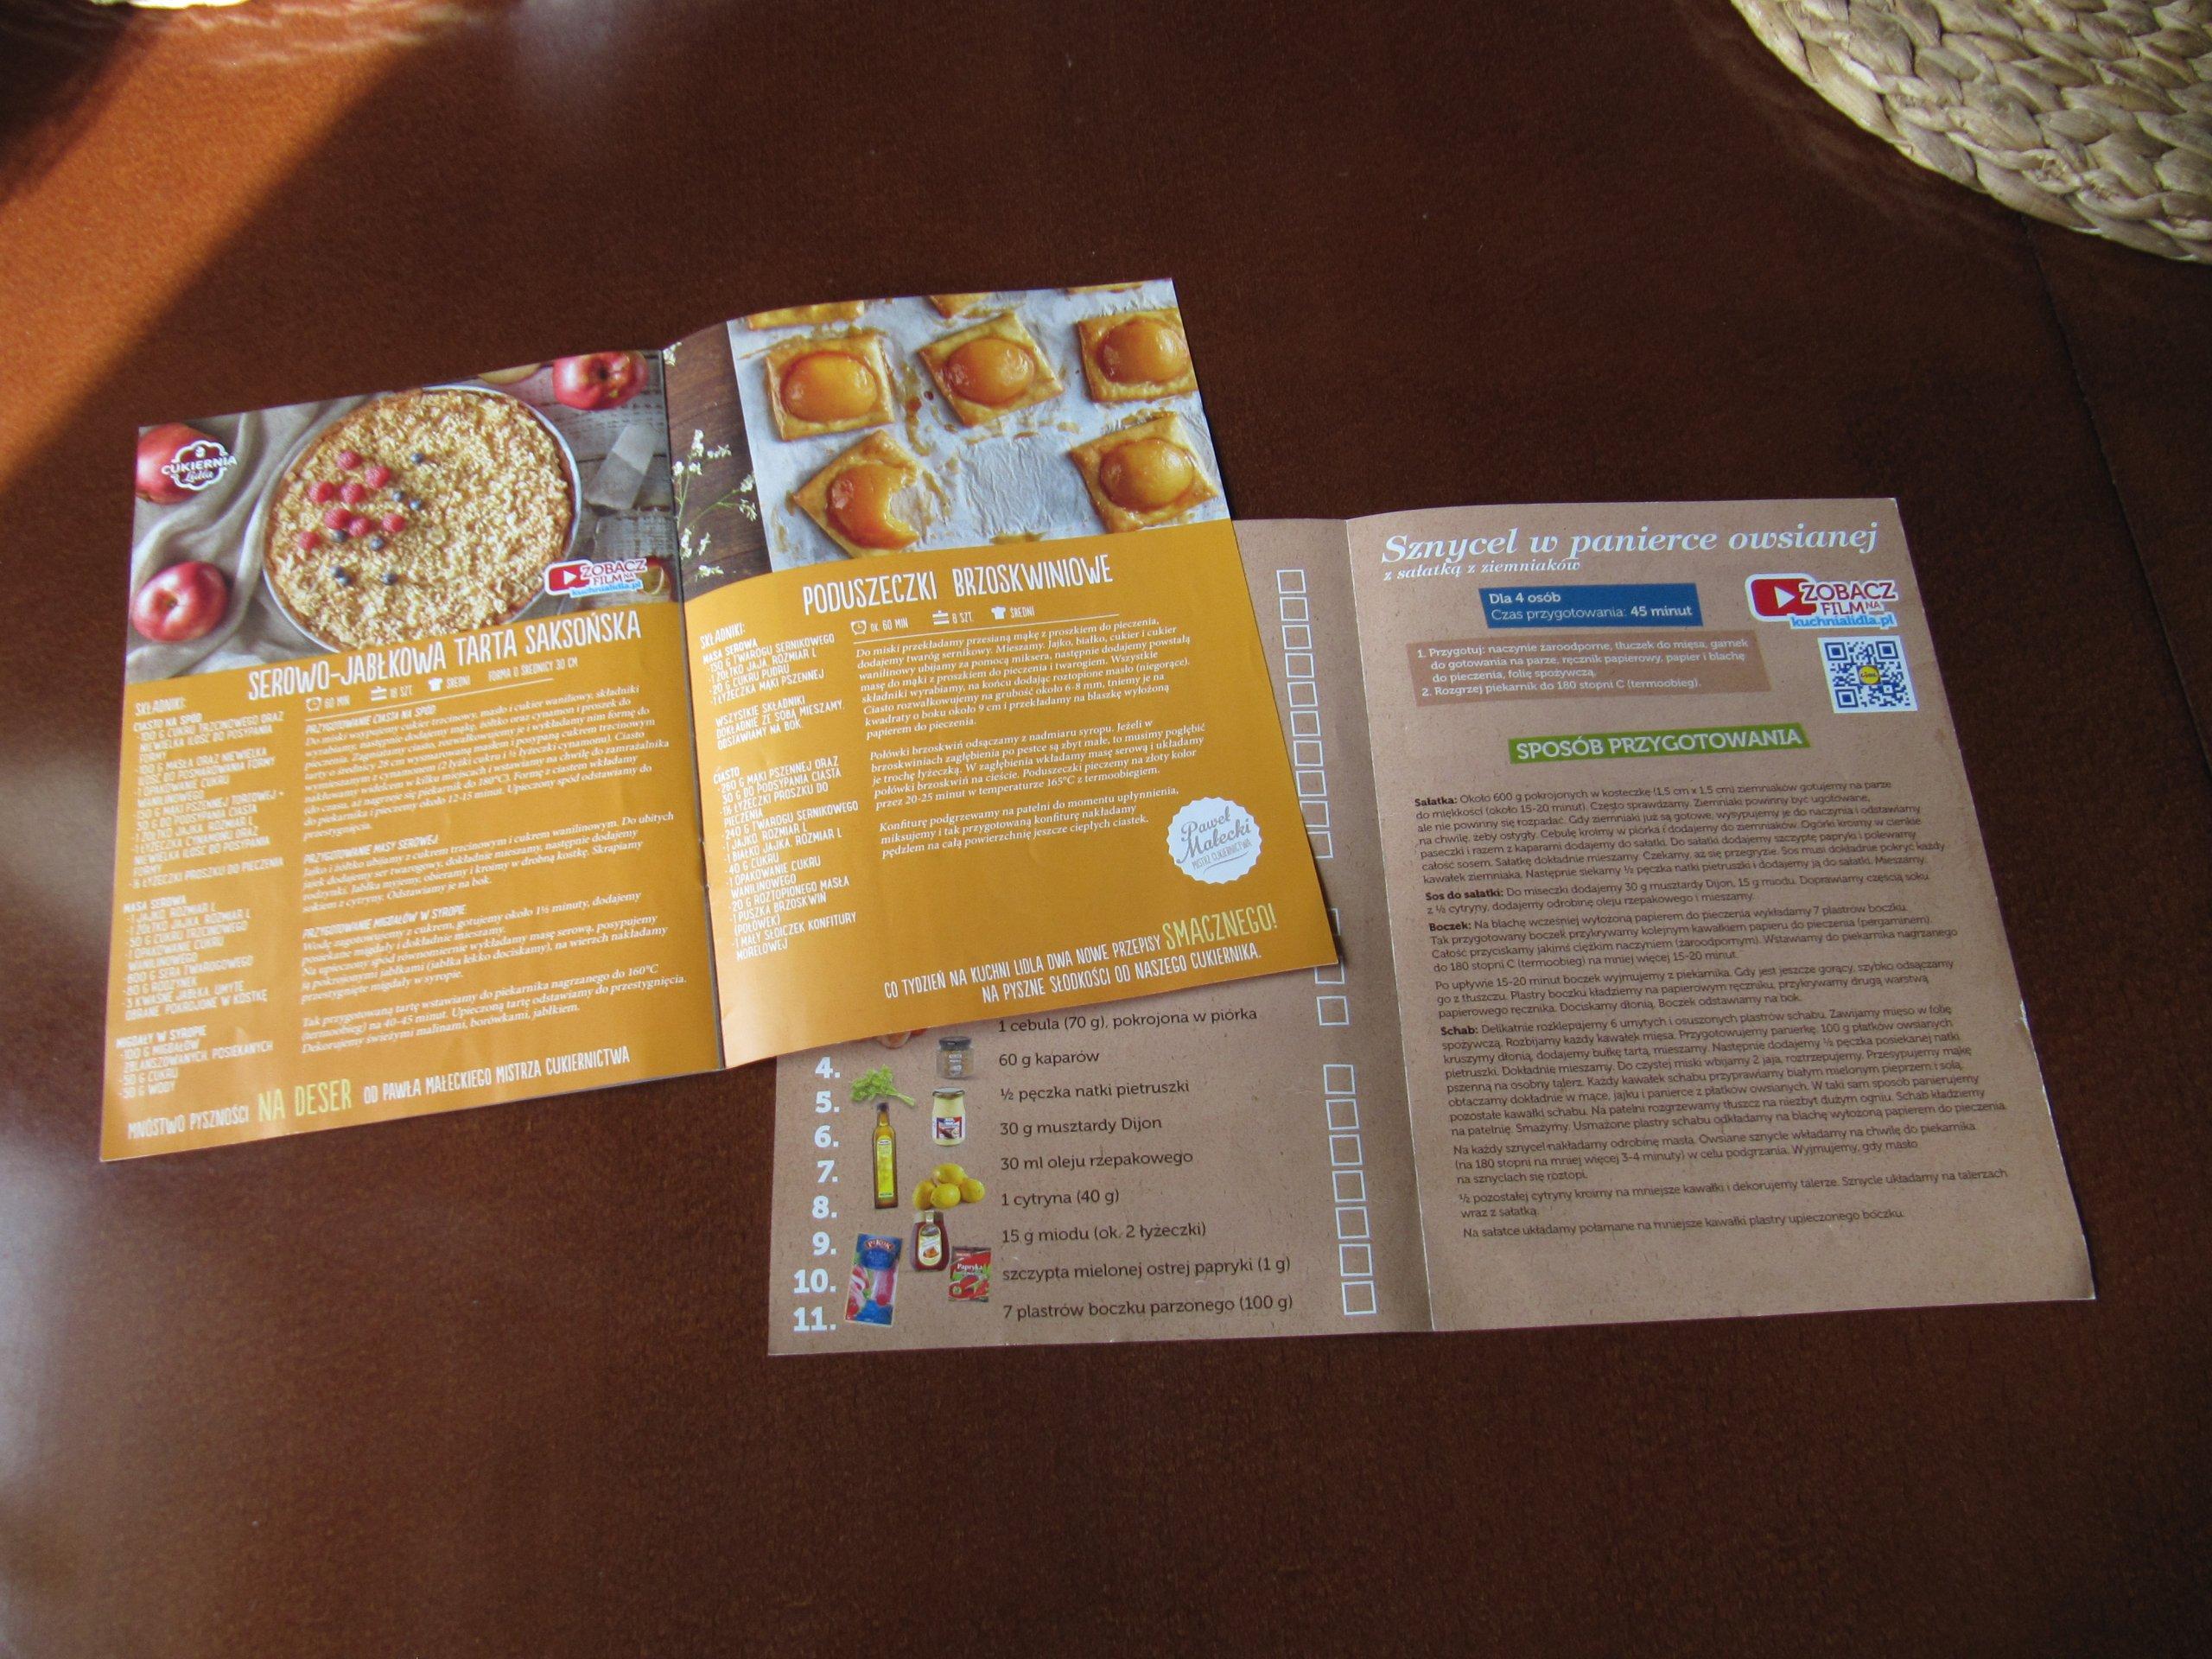 Kuchnia Przepisy Z Lidla Okrasa Pascal Małecki 7275660689